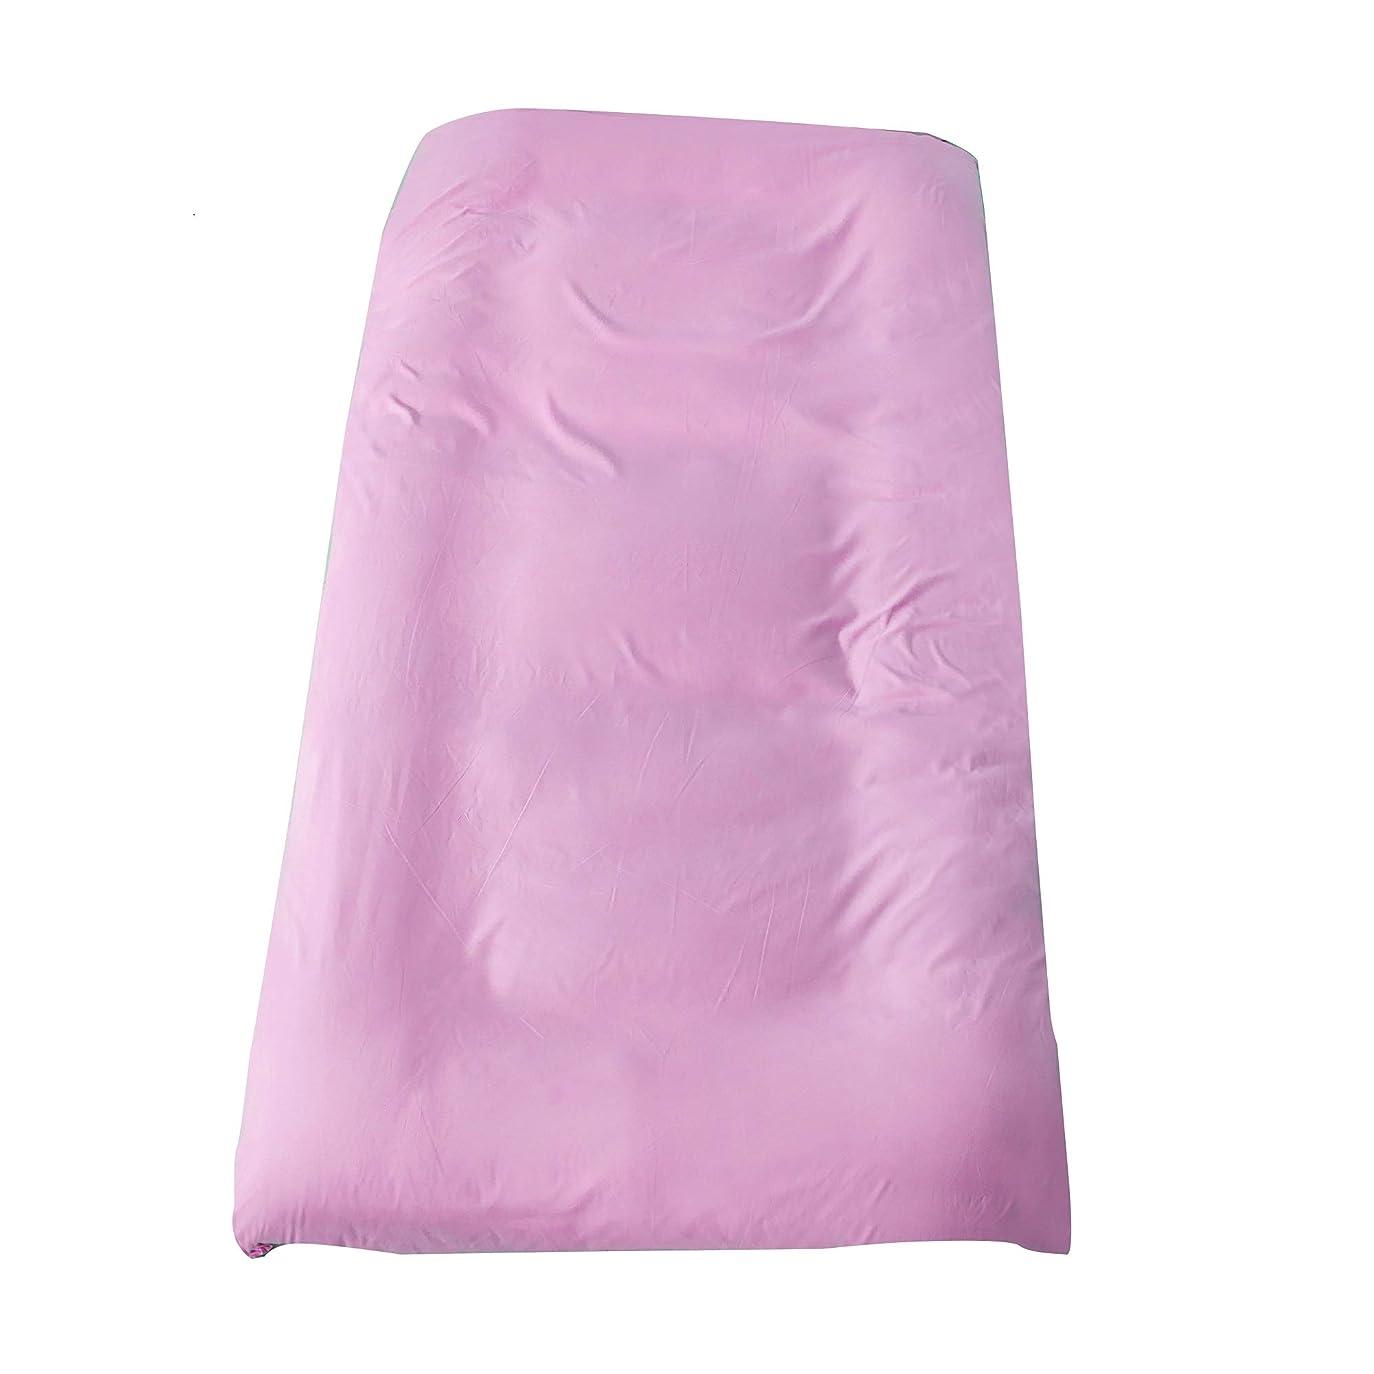 圧縮を通してサイズ敷布団カバー シングル ワンタッチシーツ ピンク 無地 洗い替え 防ダニ 通気吸湿 フィットシーツ 柔らかい